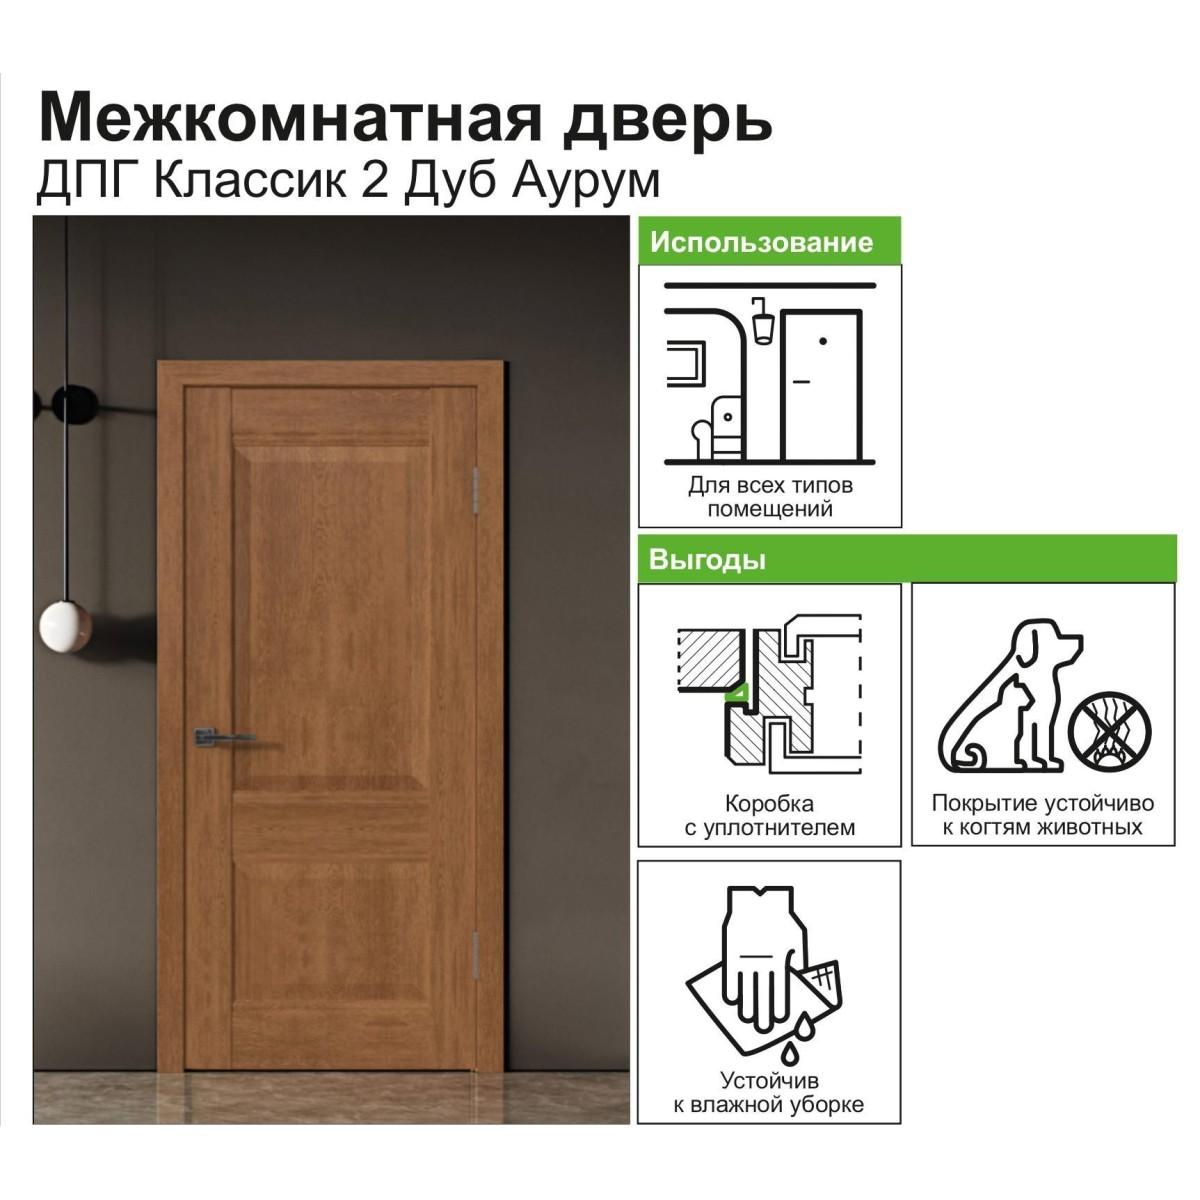 Дверь Межкомнатная Глухая С Замком И Петлями В Комплекте Классик 2 60x200 Пвх Цвет Дуб Аурум